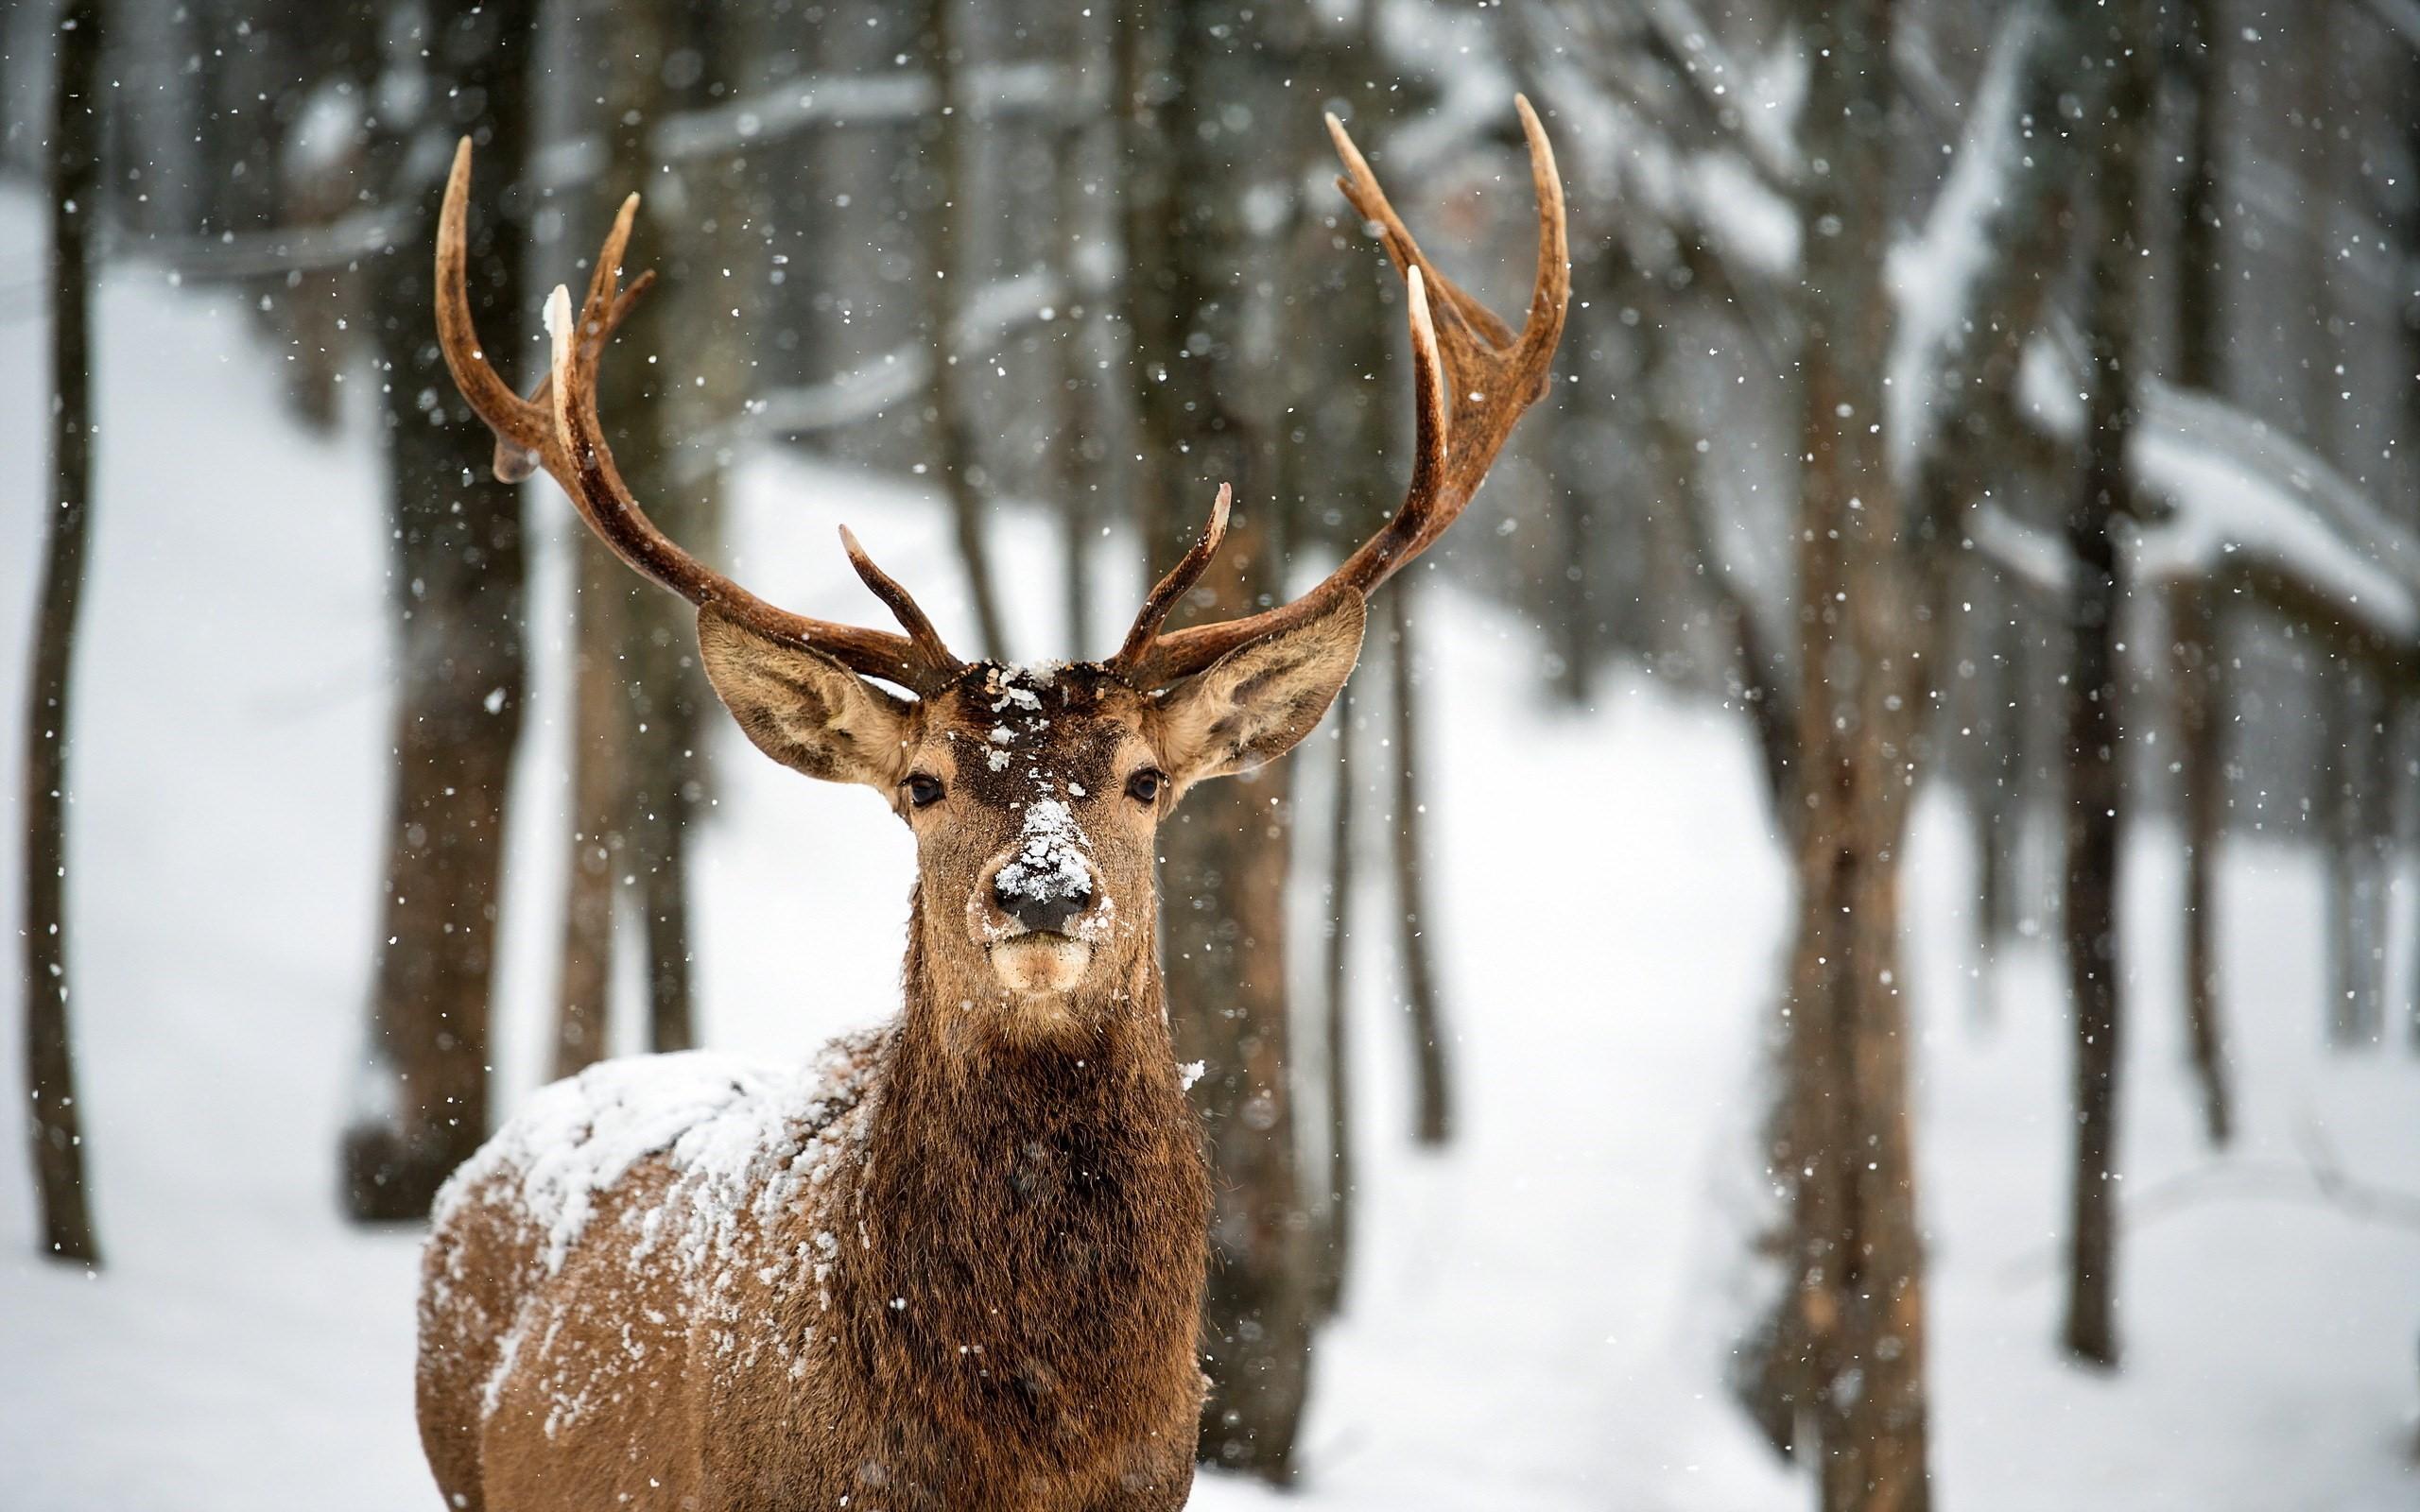 Deer-Snow-Winter-Forest